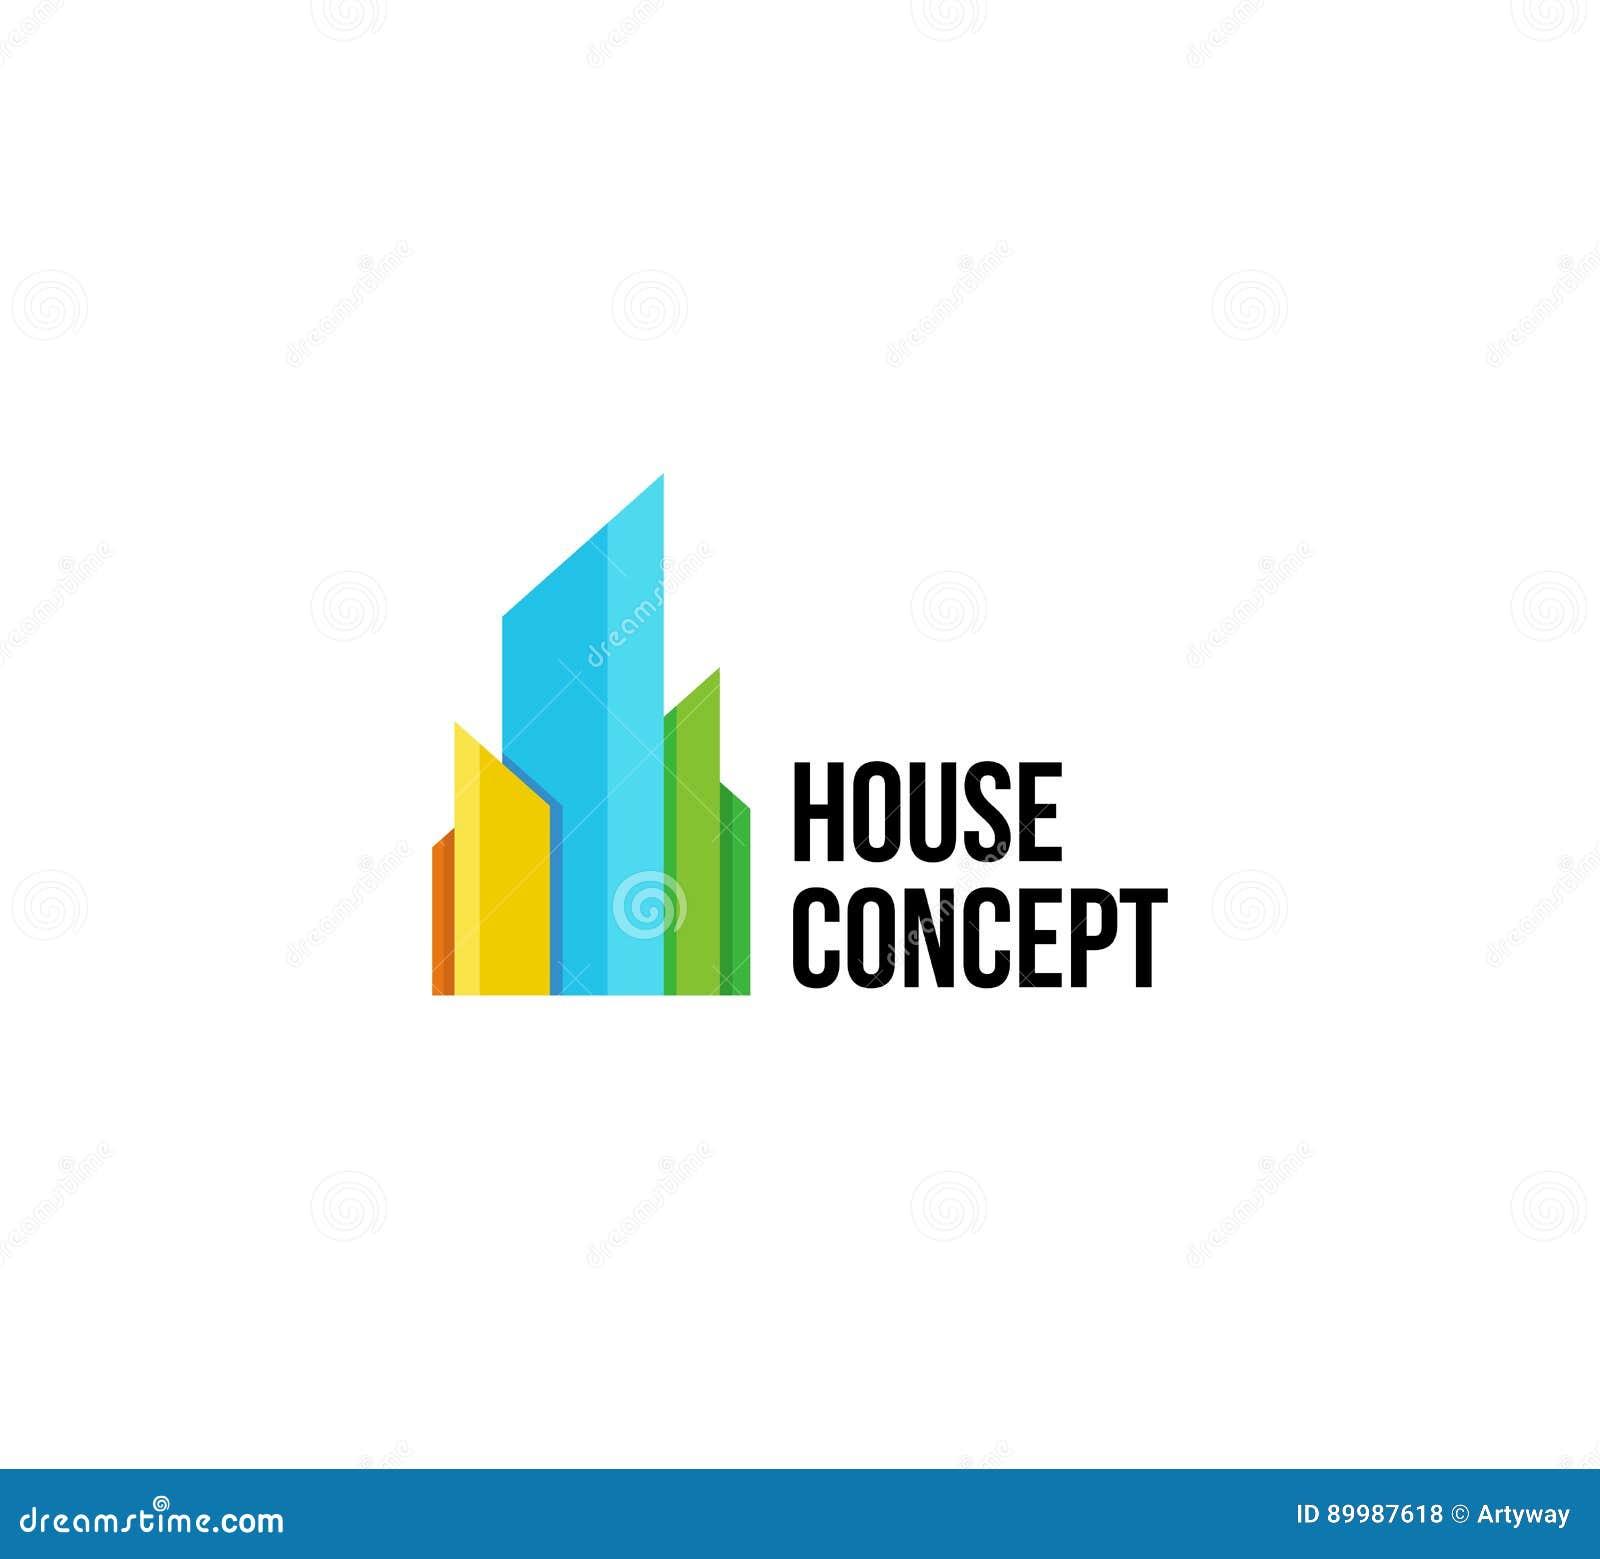 Απομονωμένο ζωηρόχρωμο λογότυπο αντιπροσωπειών ακίνητων περιουσιών, σπίτι logotype στο λευκό, εικονίδιο εγχώριας έννοιας, διανυσμ